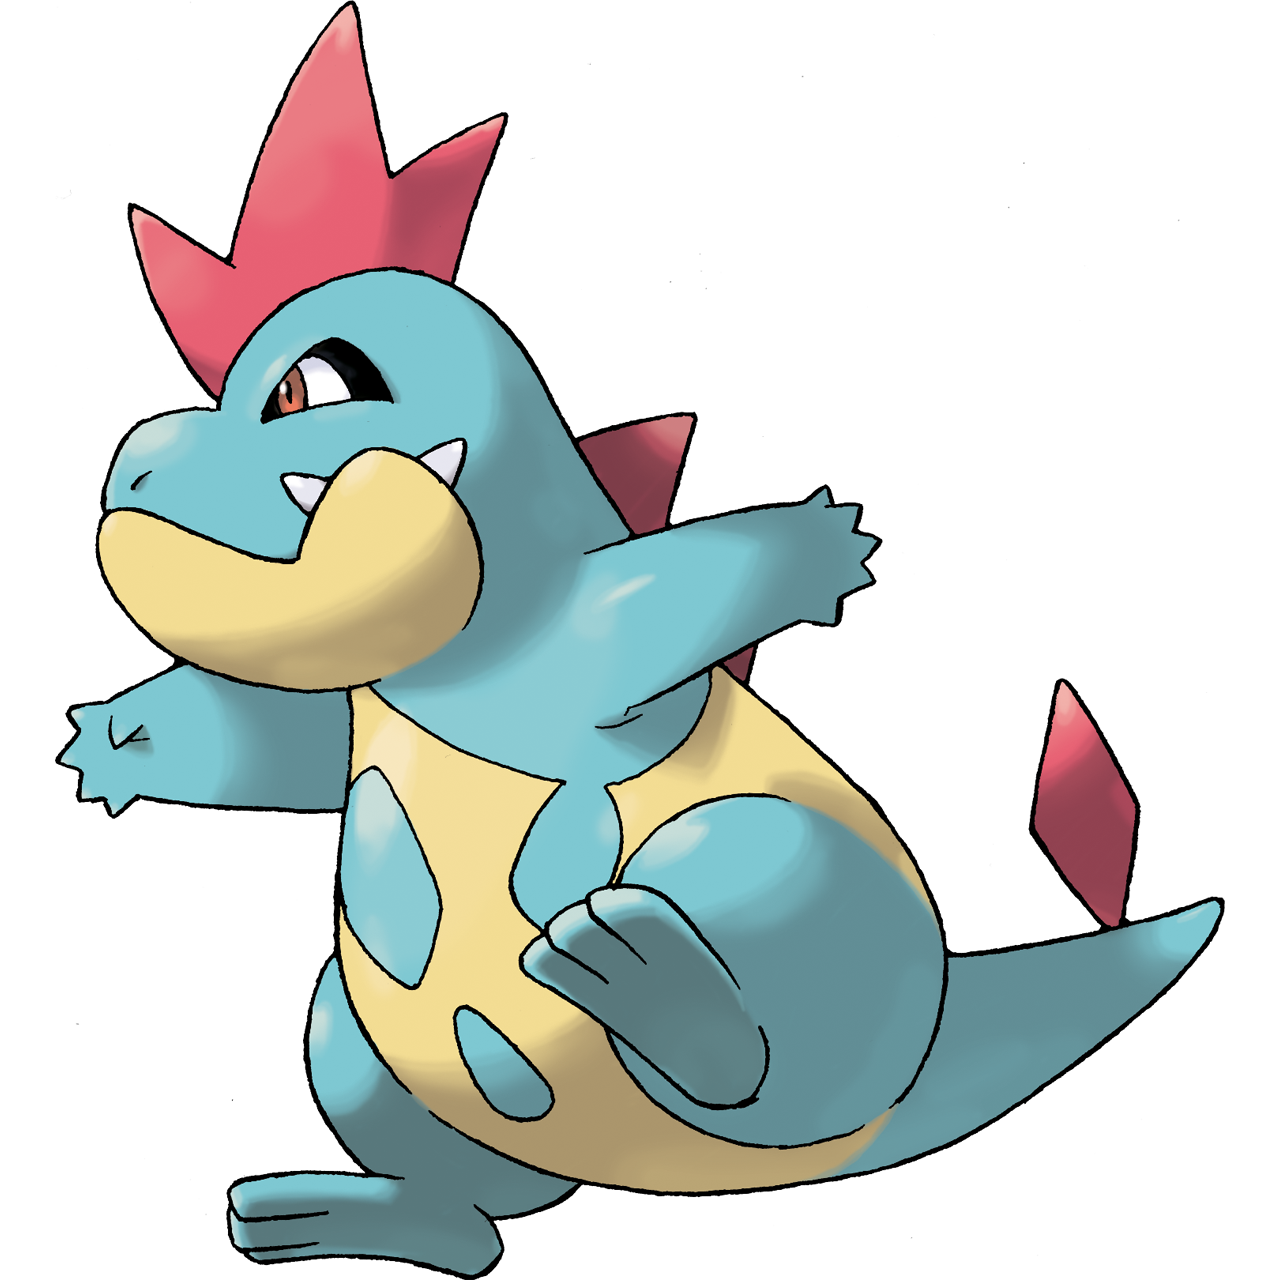 Croconaw flavor pok mon 159 veekun - Pokemon perle evolution ...